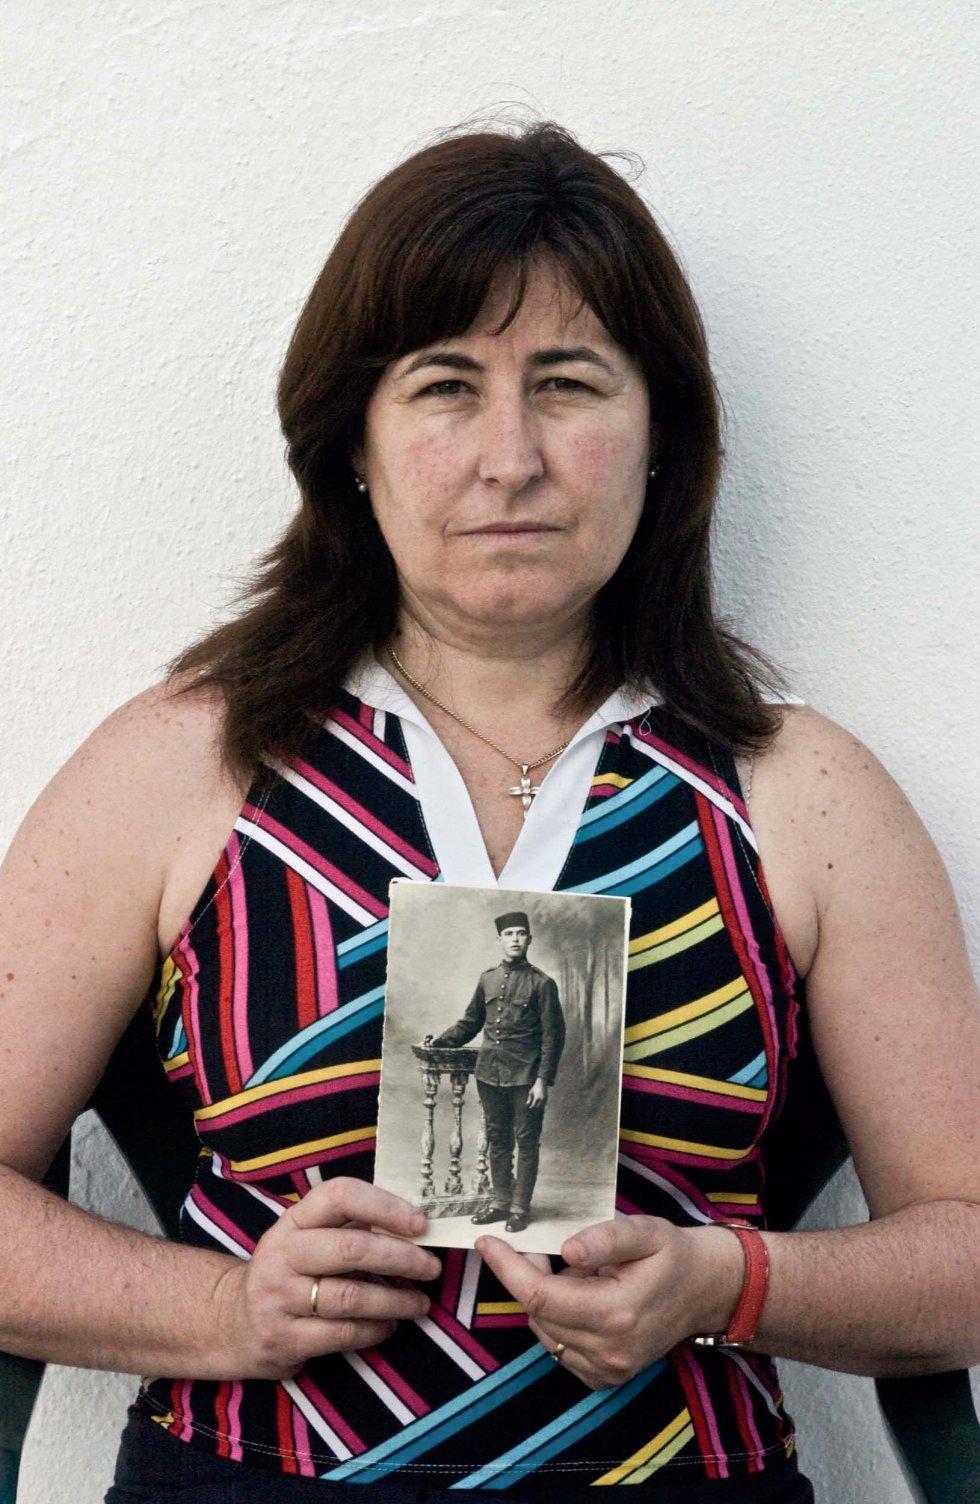 Concepción Natera Hurtado, nieta de Juan Natera García, desaparecido en el verano de 1936 en La Puebla de Cazalla (Sevilla).